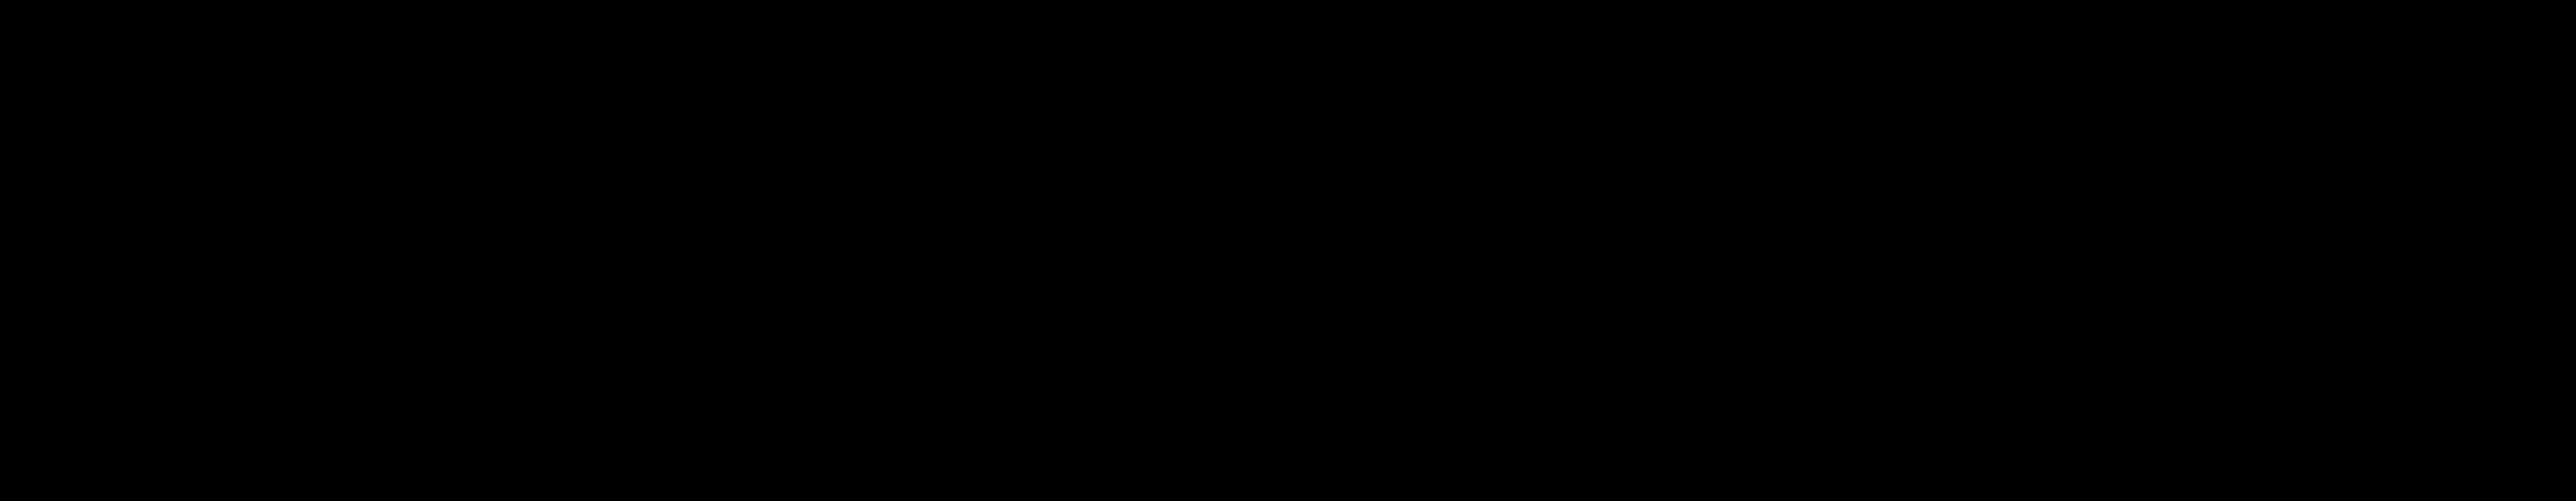 Sonos Logo.